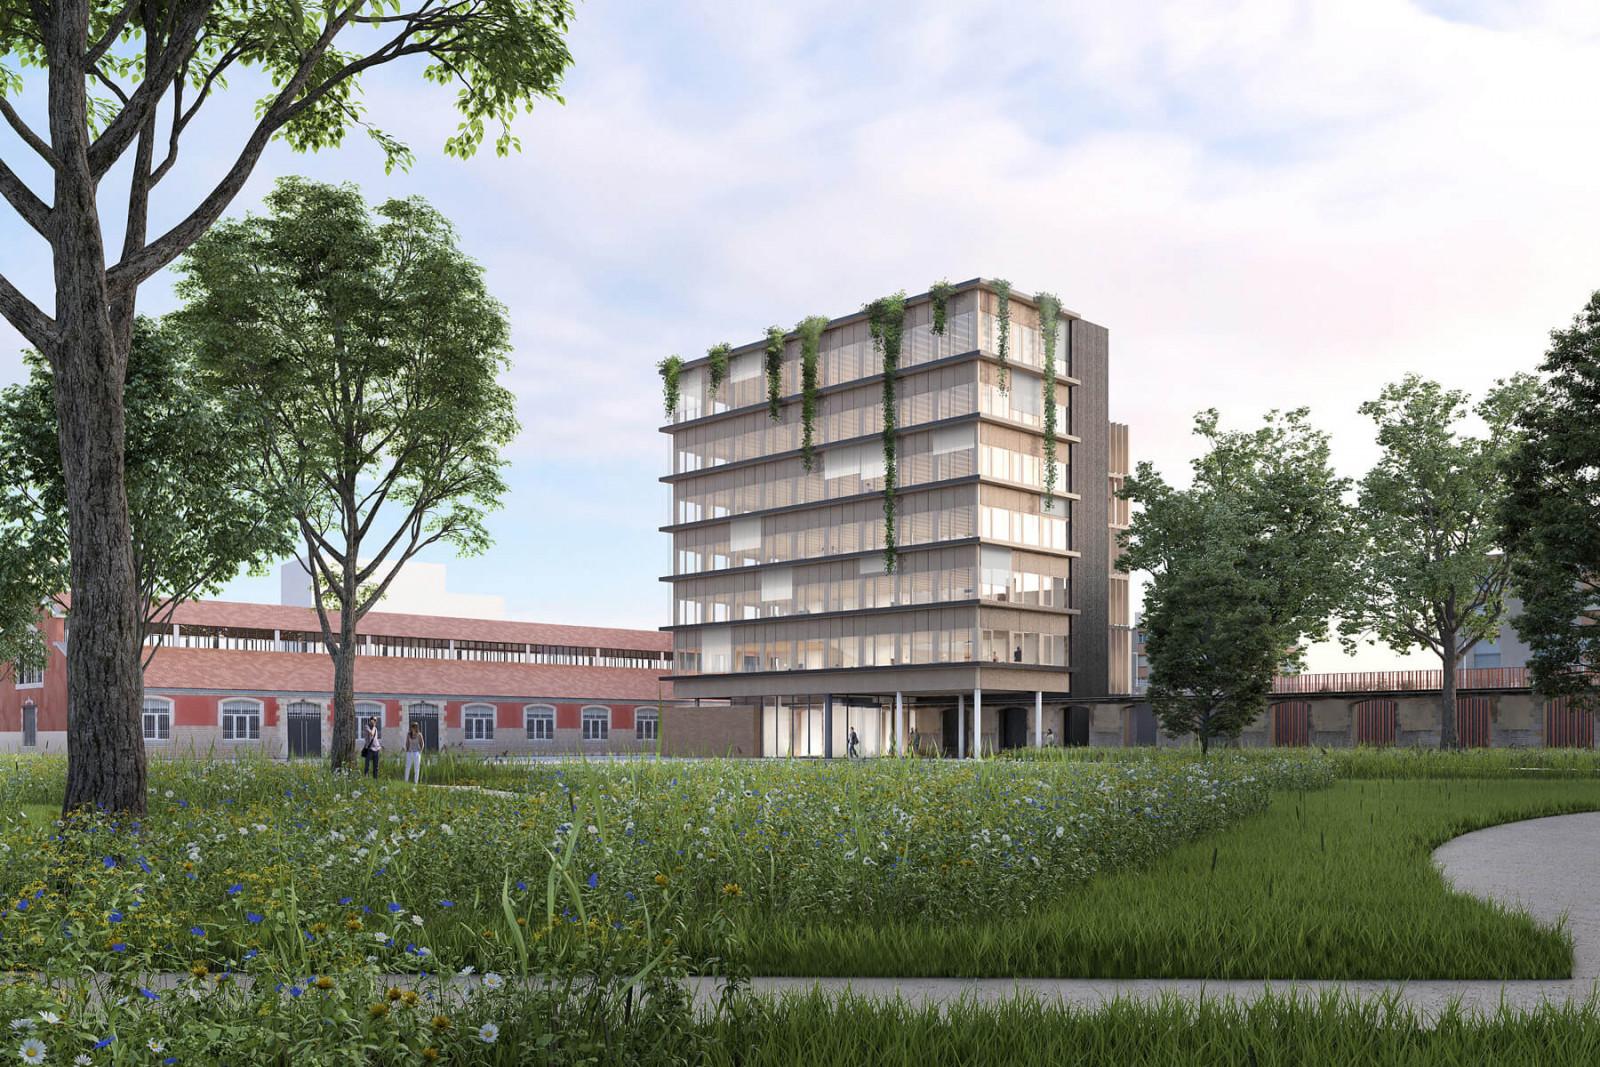 graam-ecopolis-01-bureaux-dijon-exterieur-facade-nord-vegetation-parc-caserne